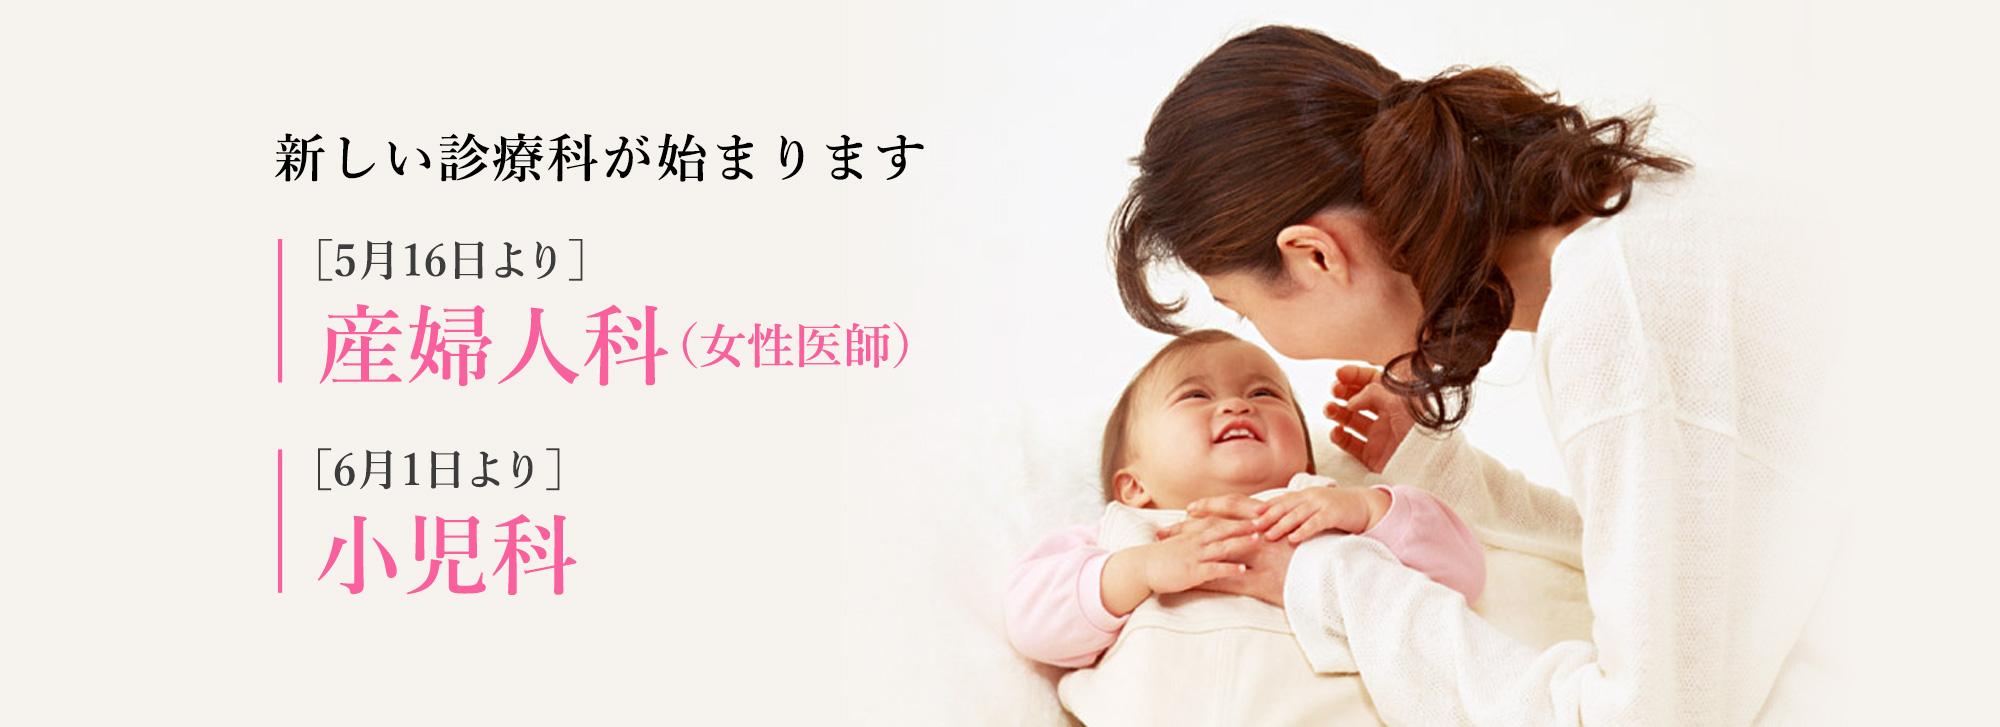 新しい診療科が始まります。[5月16日より]産婦人科(女性医師)、[6月1日より]小児科